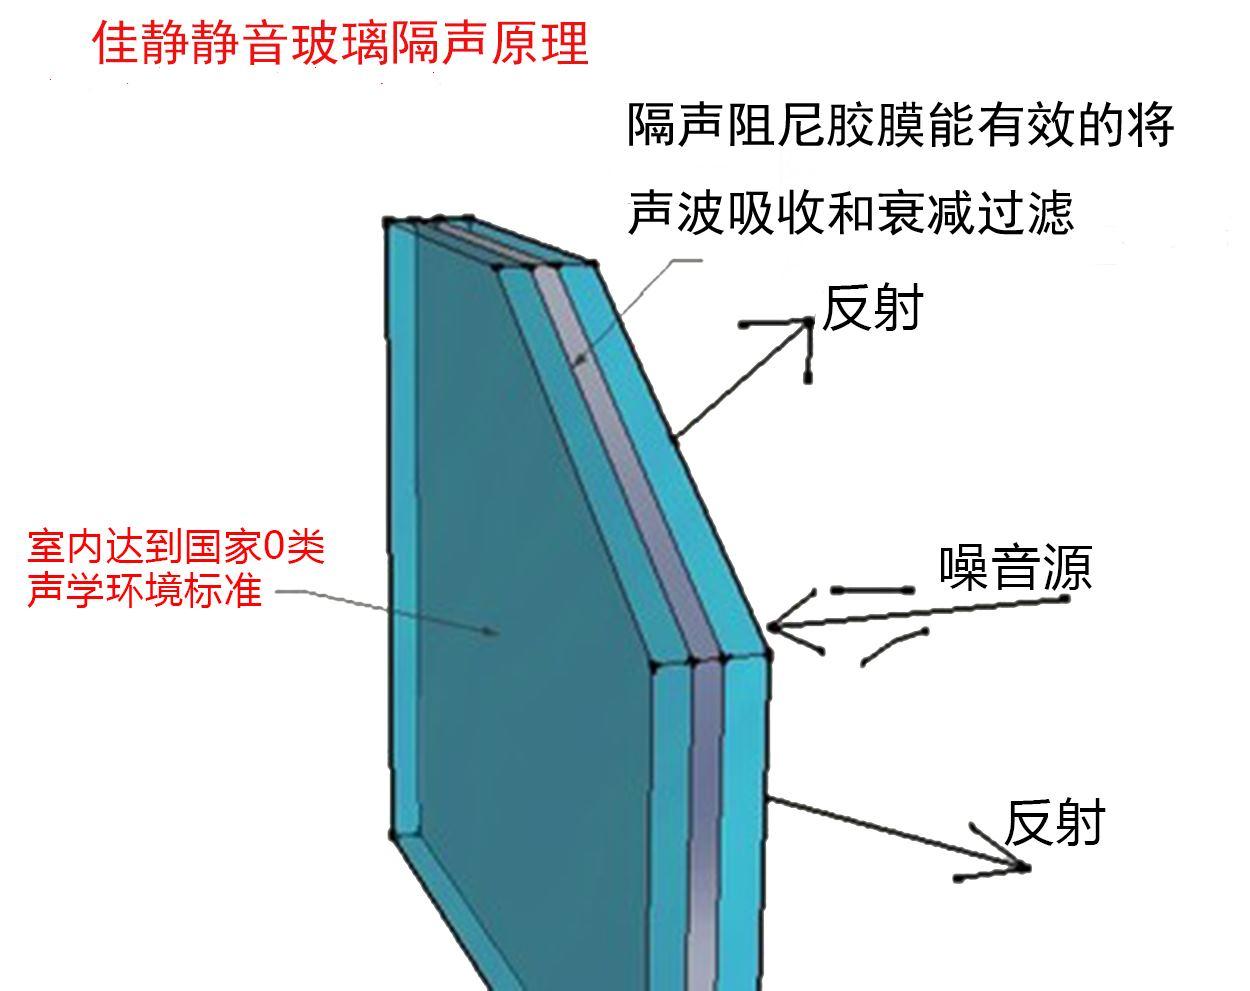 佳靜靜音窗原理圖